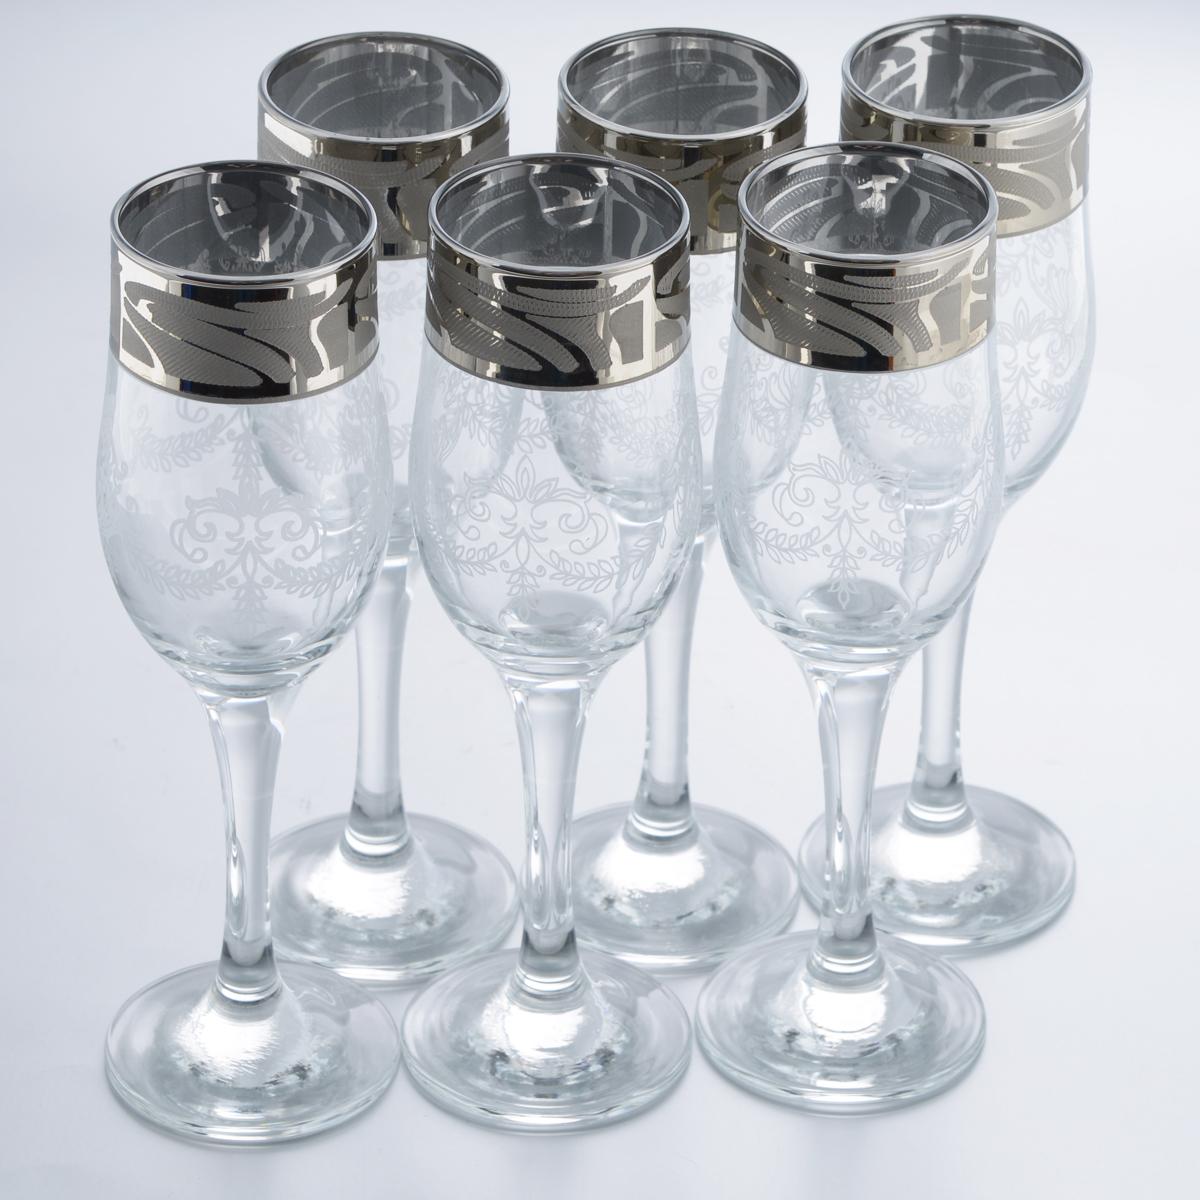 Набор бокалов Гусь-Хрустальный Мускат, 200 мл, 6 штVT-1520(SR)Набор Гусь-Хрустальный Мускат состоит из 6 бокалов на длинных тонких ножках, изготовленных из высококачественного натрий-кальций-силикатного стекла. Изделия оформлены красивым зеркальным покрытием и белым матовым орнаментом. Бокалы предназначены для шампанского или вина. Такой набор прекрасно дополнит праздничный стол и станет желанным подарком в любом доме. Разрешается мыть в посудомоечной машине. Диаметр бокала (по верхнему краю): 5 см. Высота бокала: 20 см.